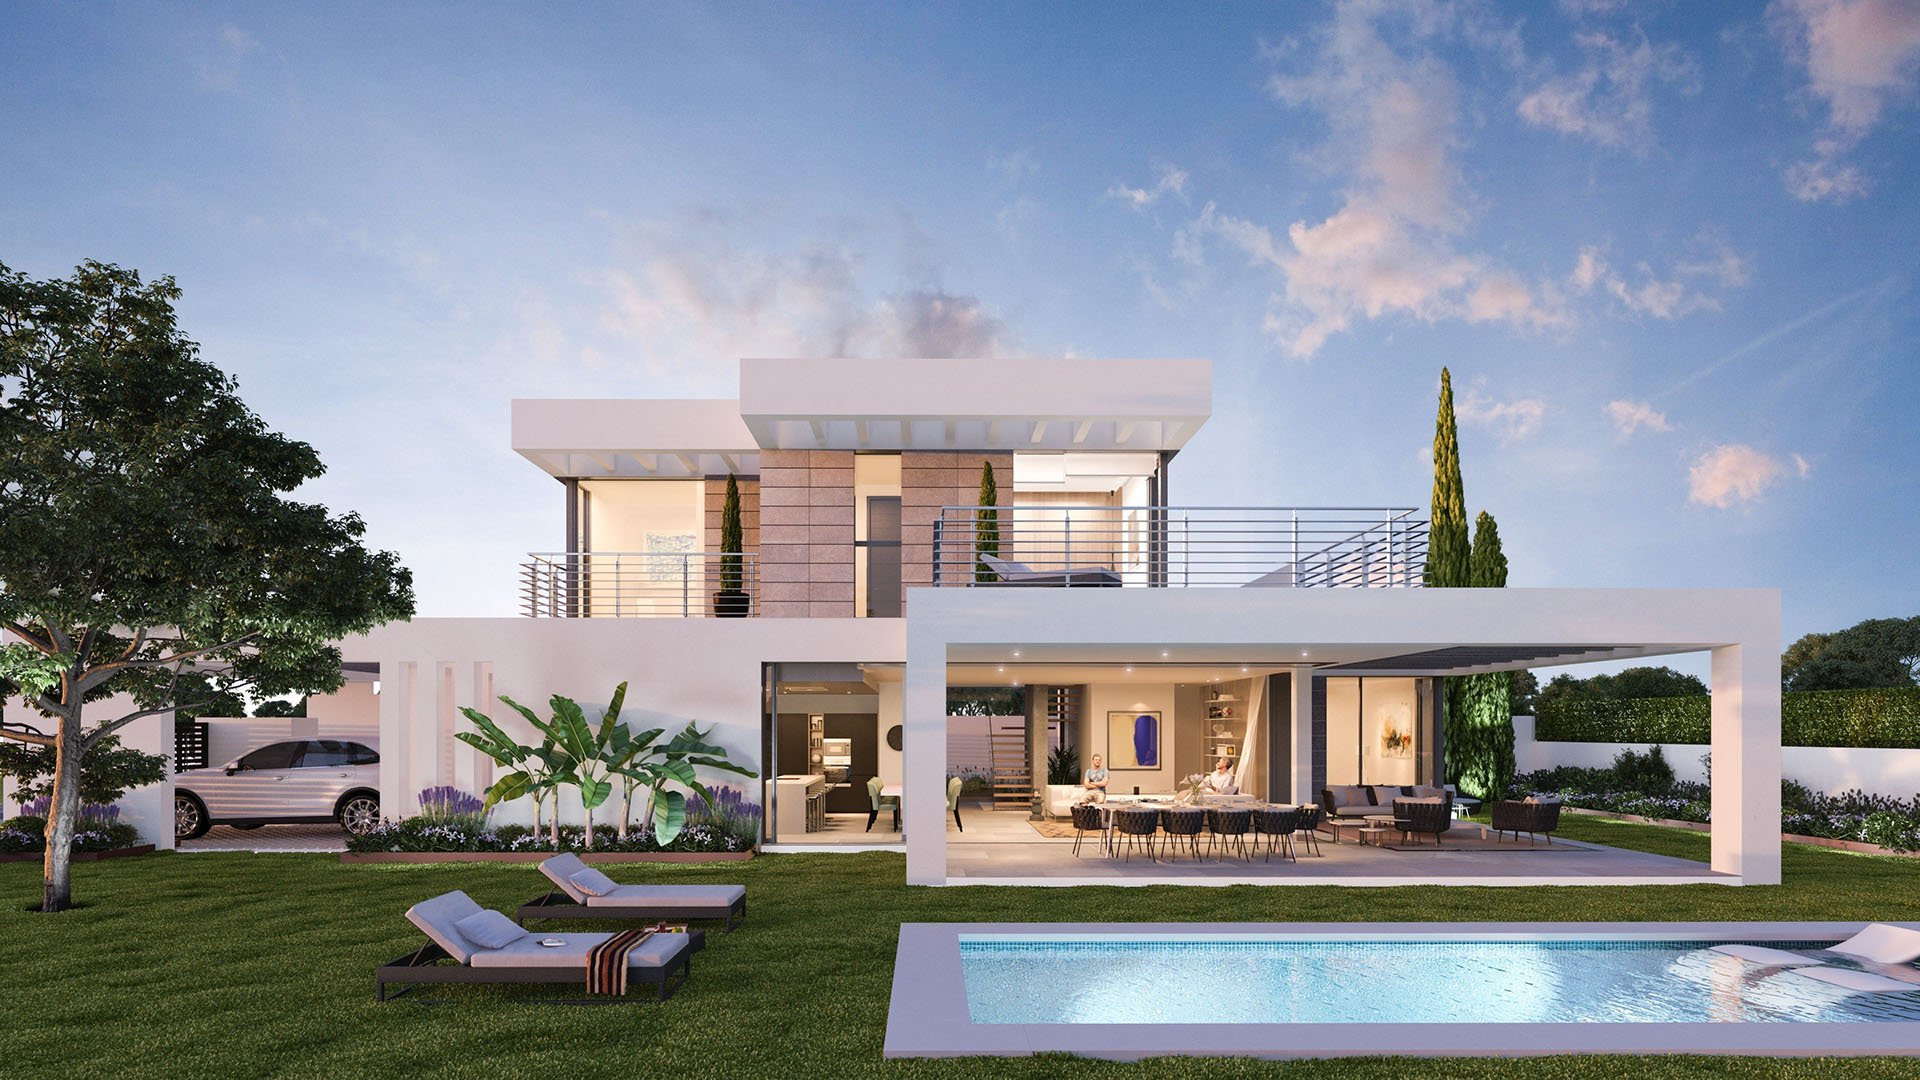 Syzygy The Villas : Moderne villa's met een strategische ligging